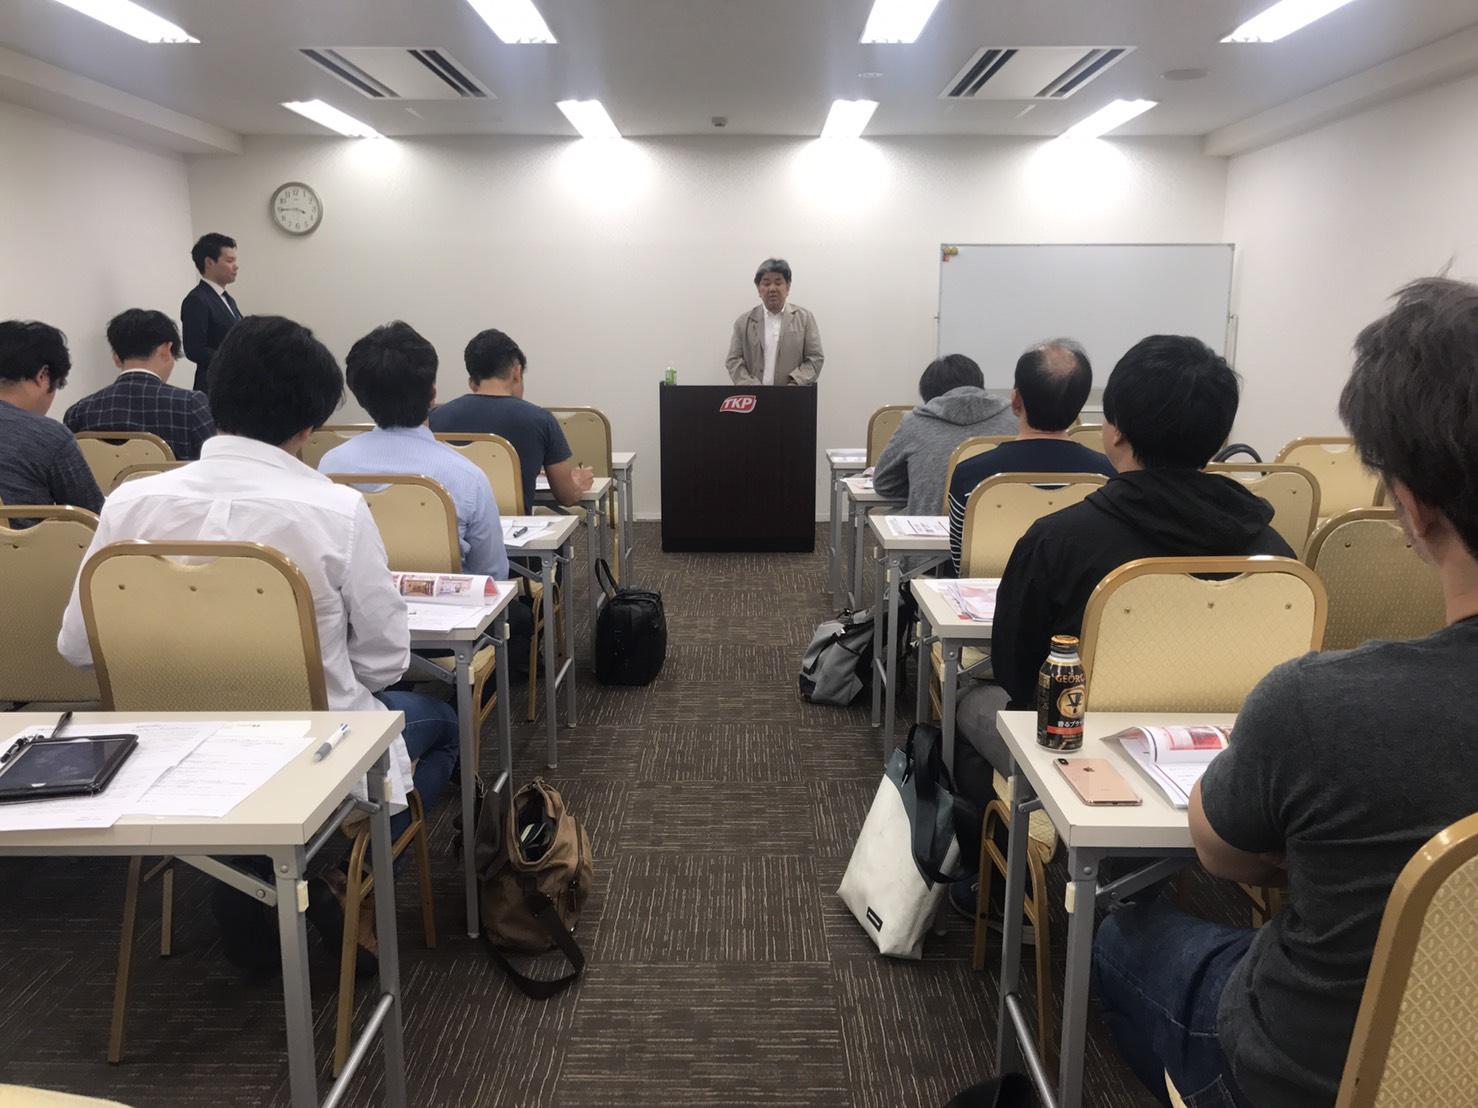 【好評につき追加開催】東京セミナーを開催しました。